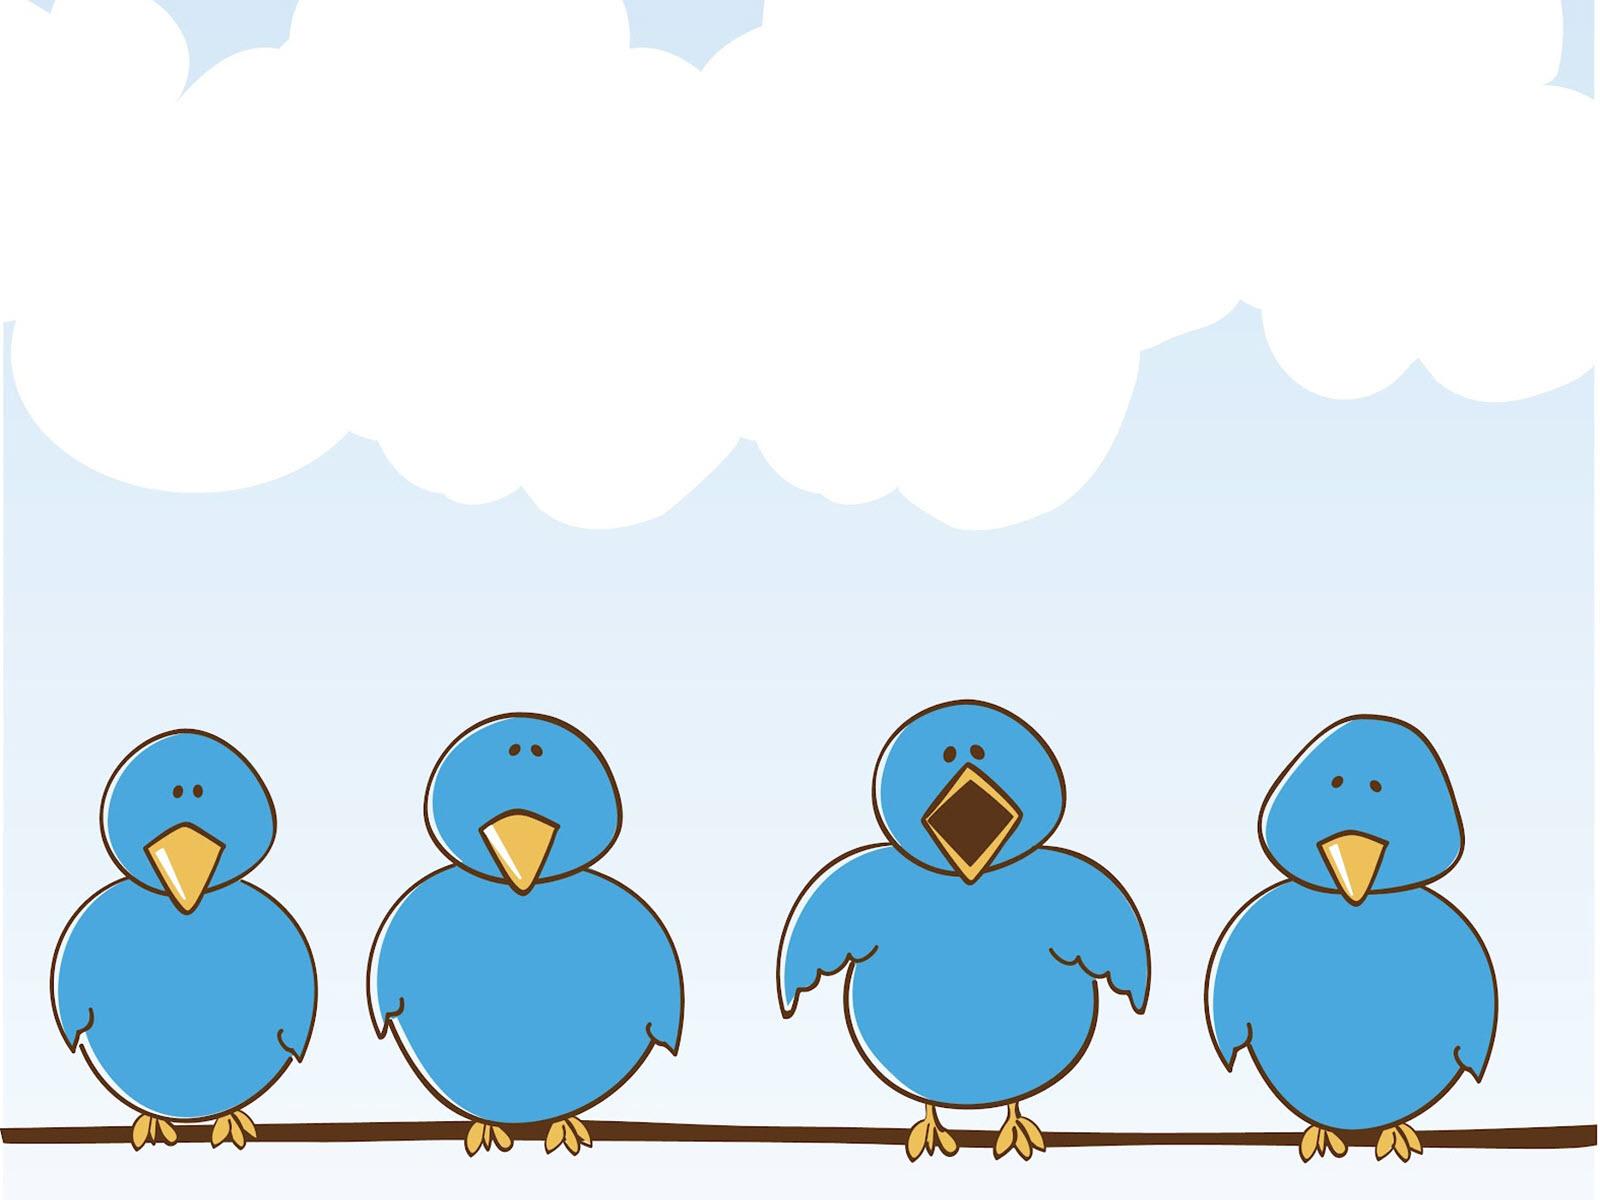 Hình nền PowerPoint 4 chú chim xanh